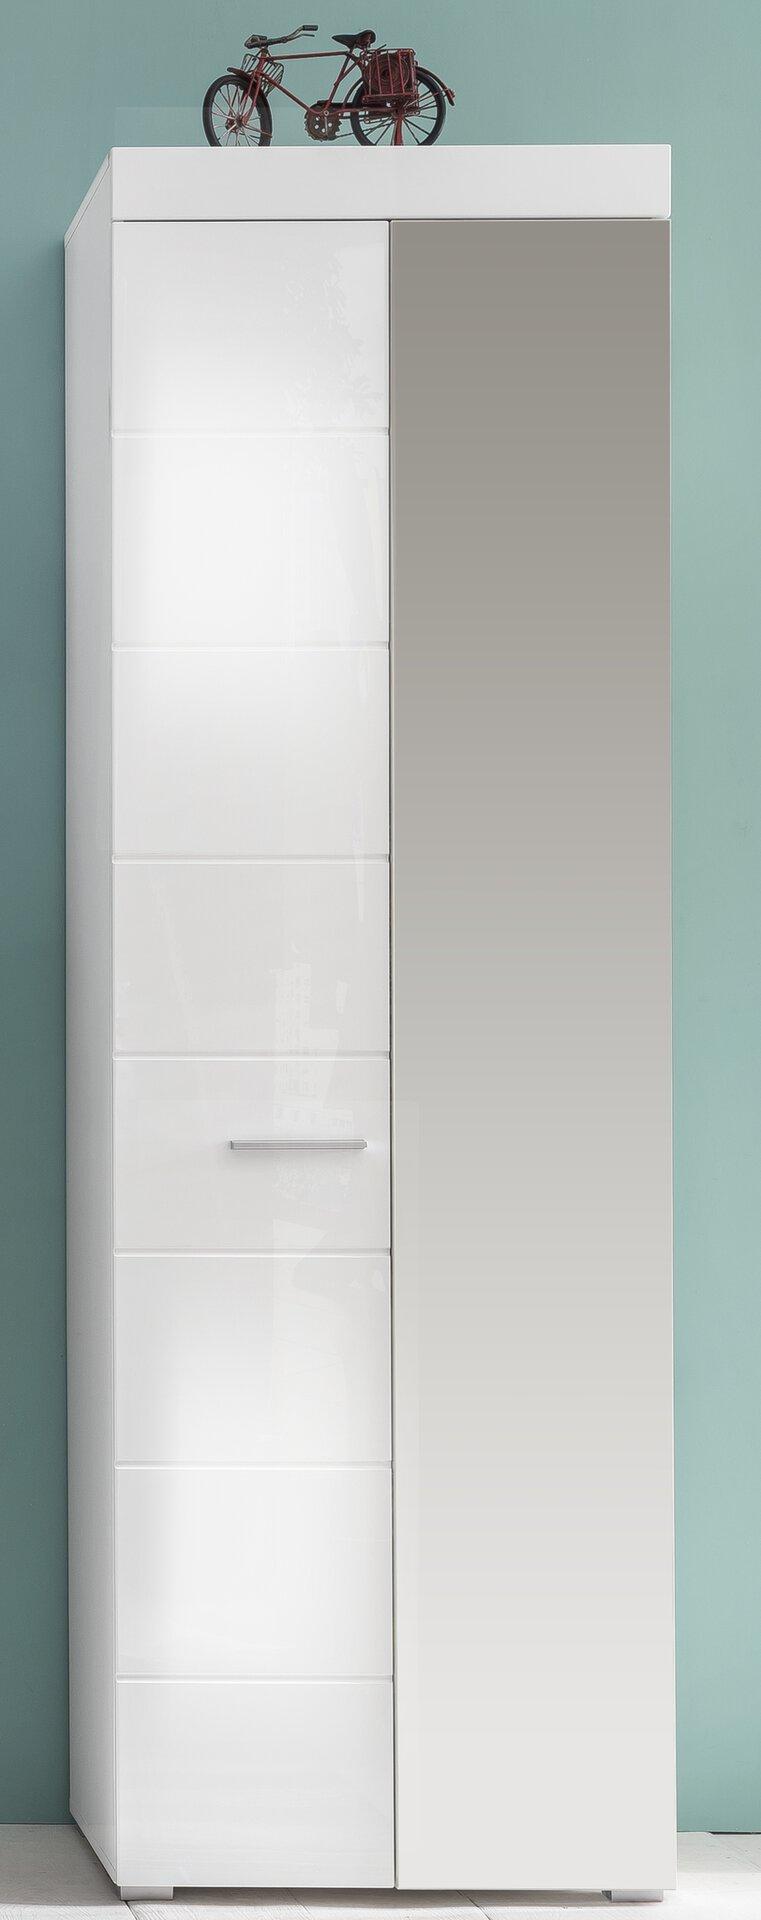 Garderobenschrank AMANDA inDoor Holzwerkstoff 2 x 1 cm